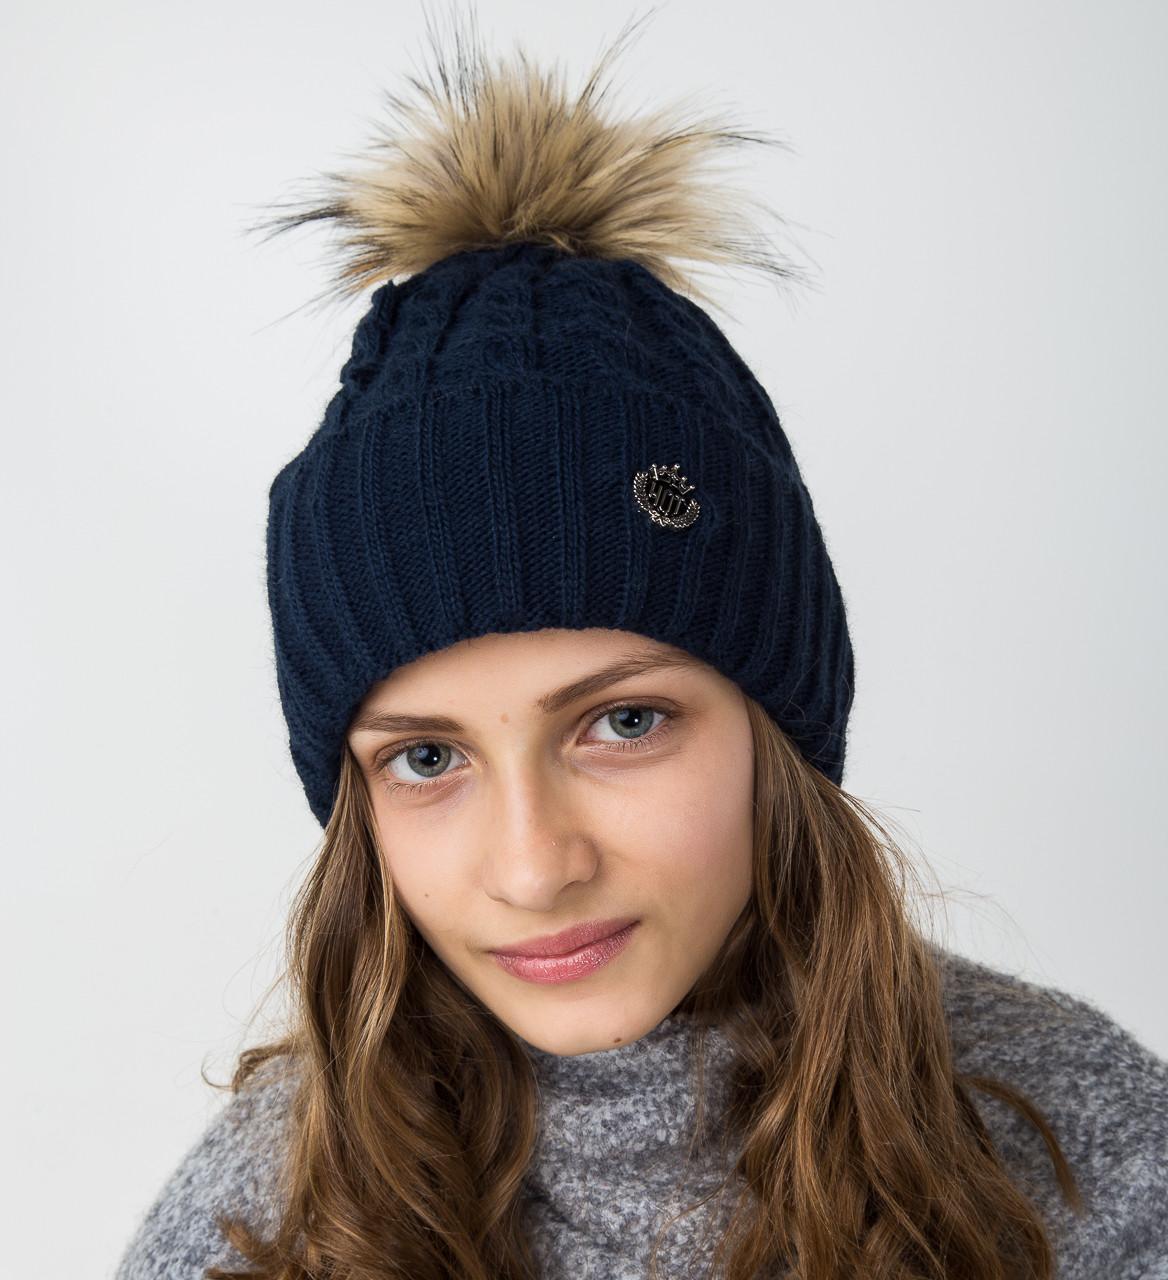 Синяя вязанная шапка с меховым помпоном для девочек - Артикул 2122-7